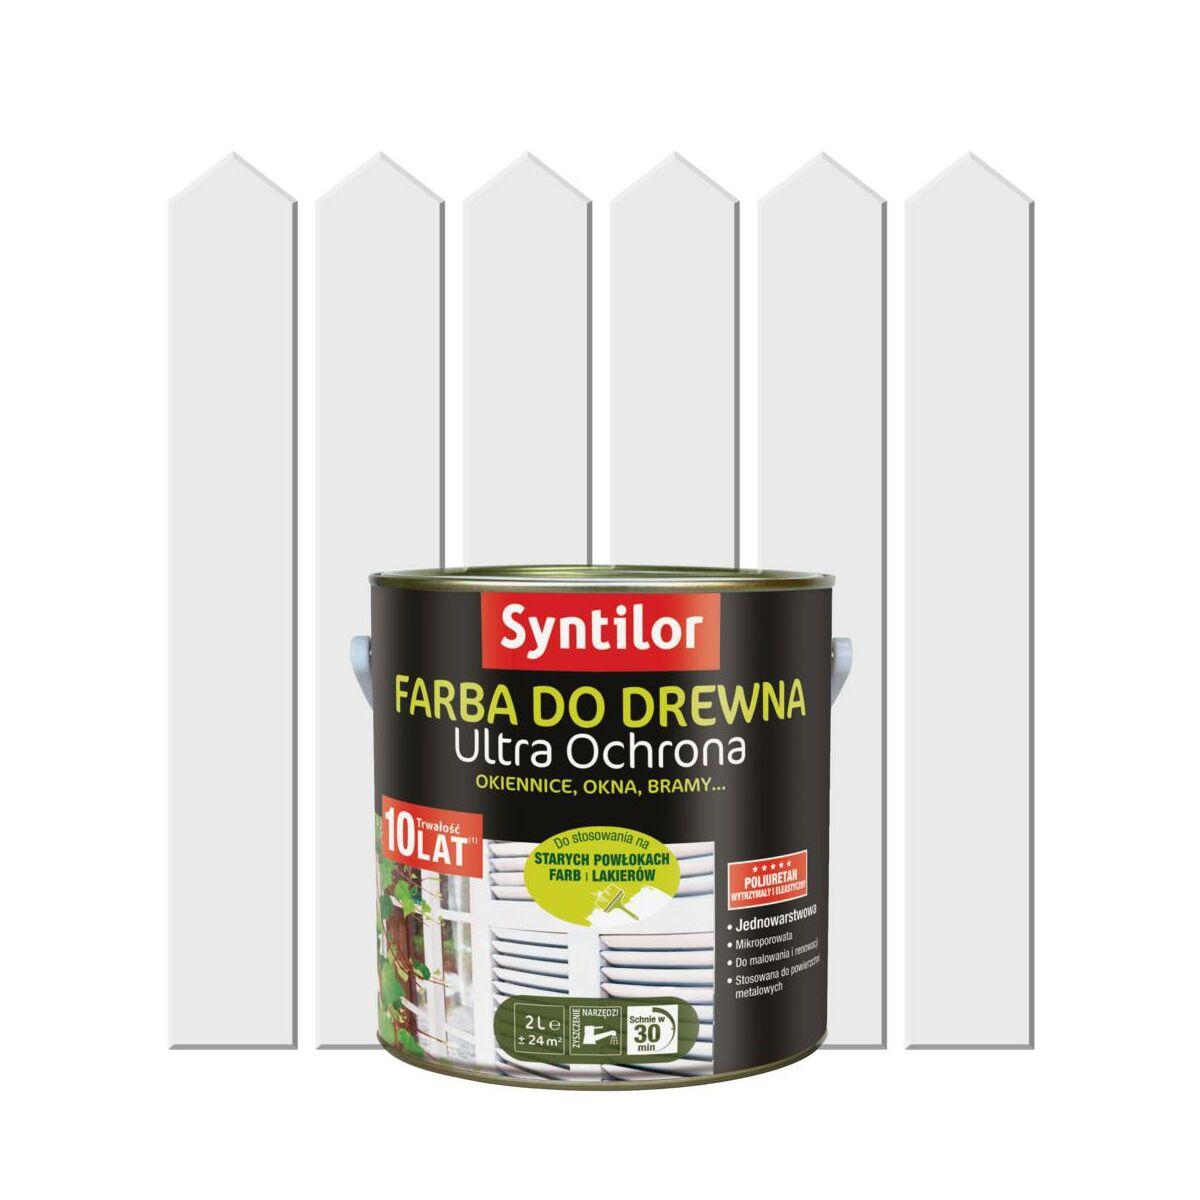 Farba Do Drewna Ultra Ochrona 2 L Bialy Syntilor Farby Do Drewna I Mebli W Atrakcyjnej Cenie W Sklepach Leroy Merlin